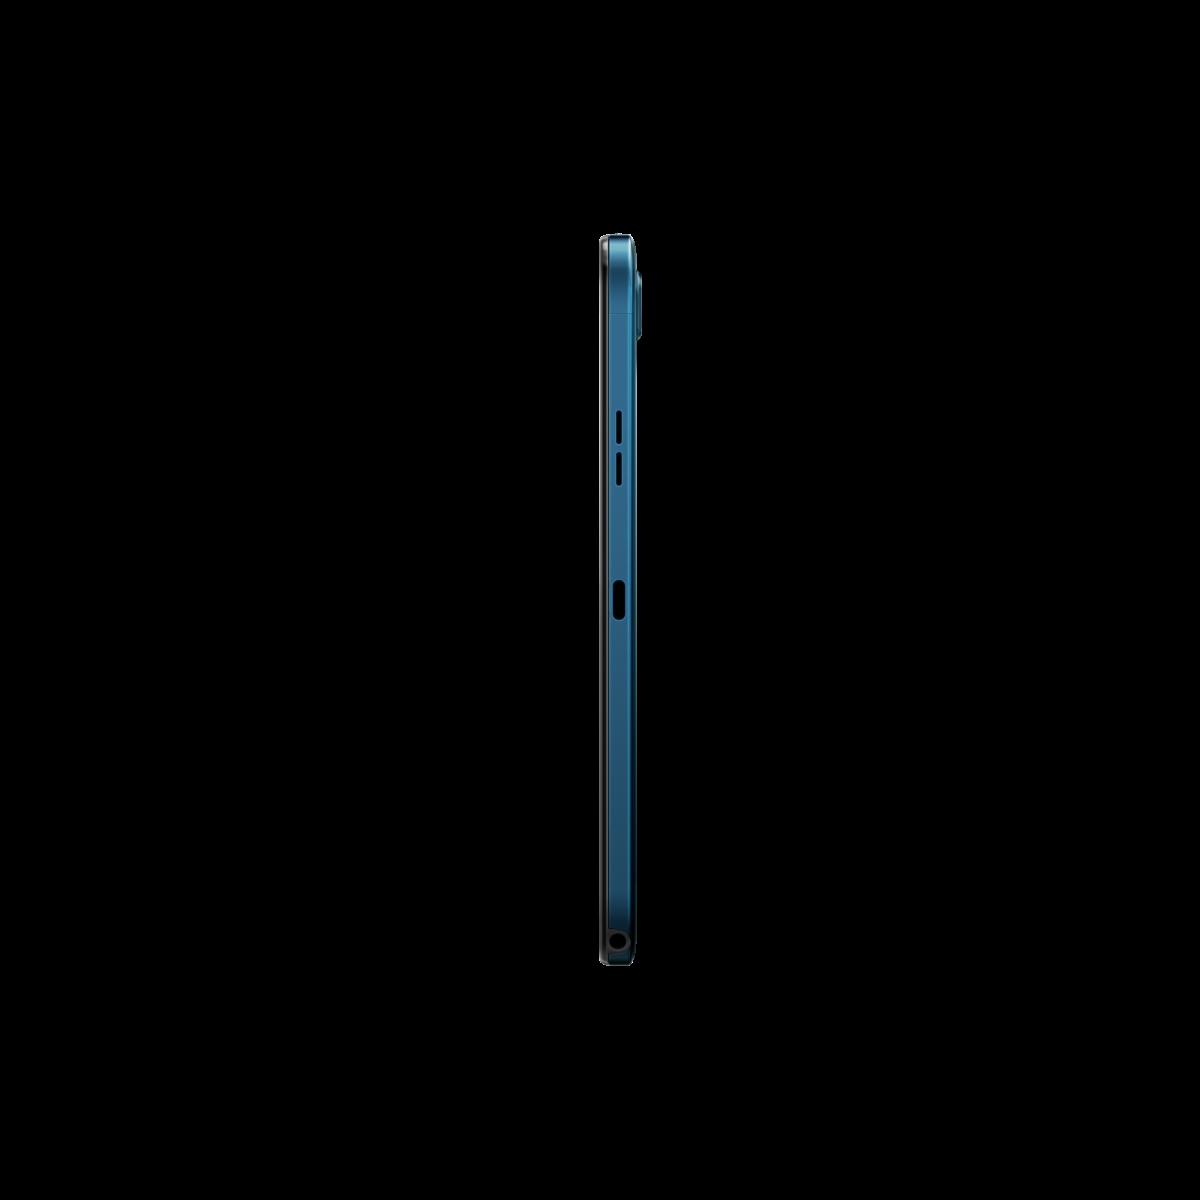 Nokia представила свой первый планшет за долгие годы